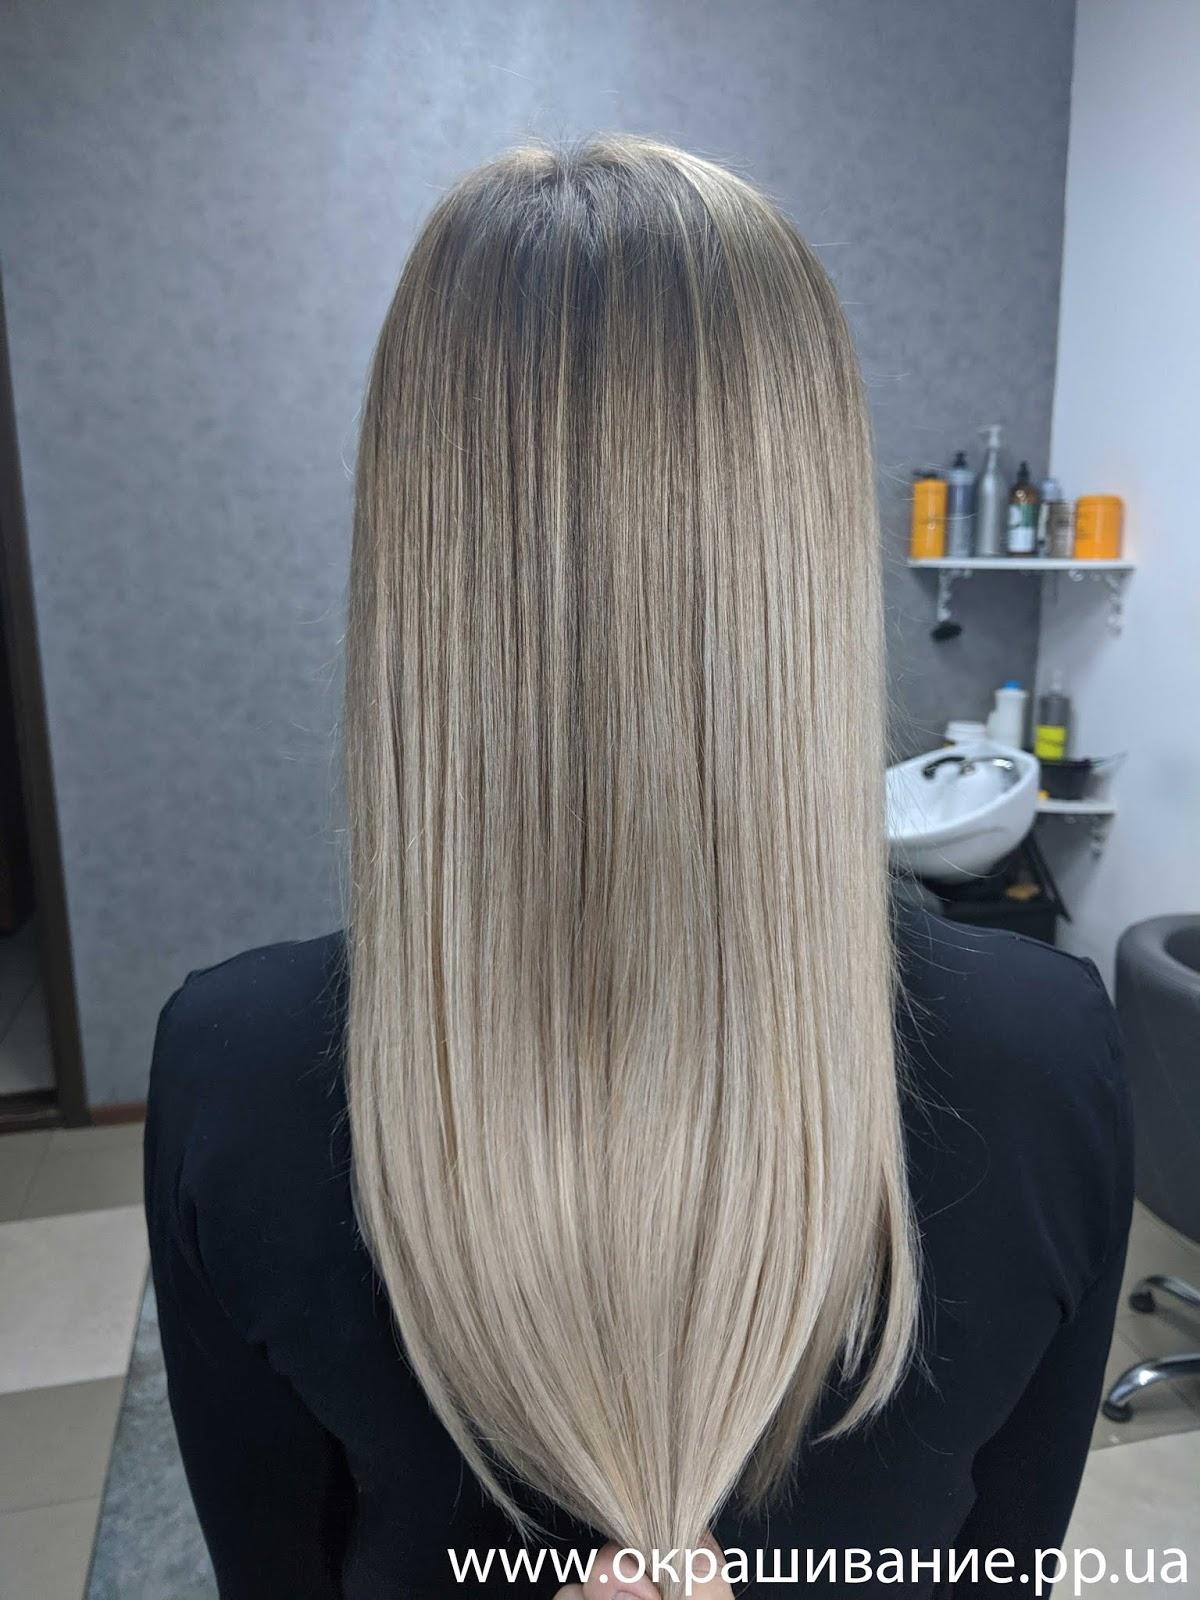 Красивая покраска на темные волосы